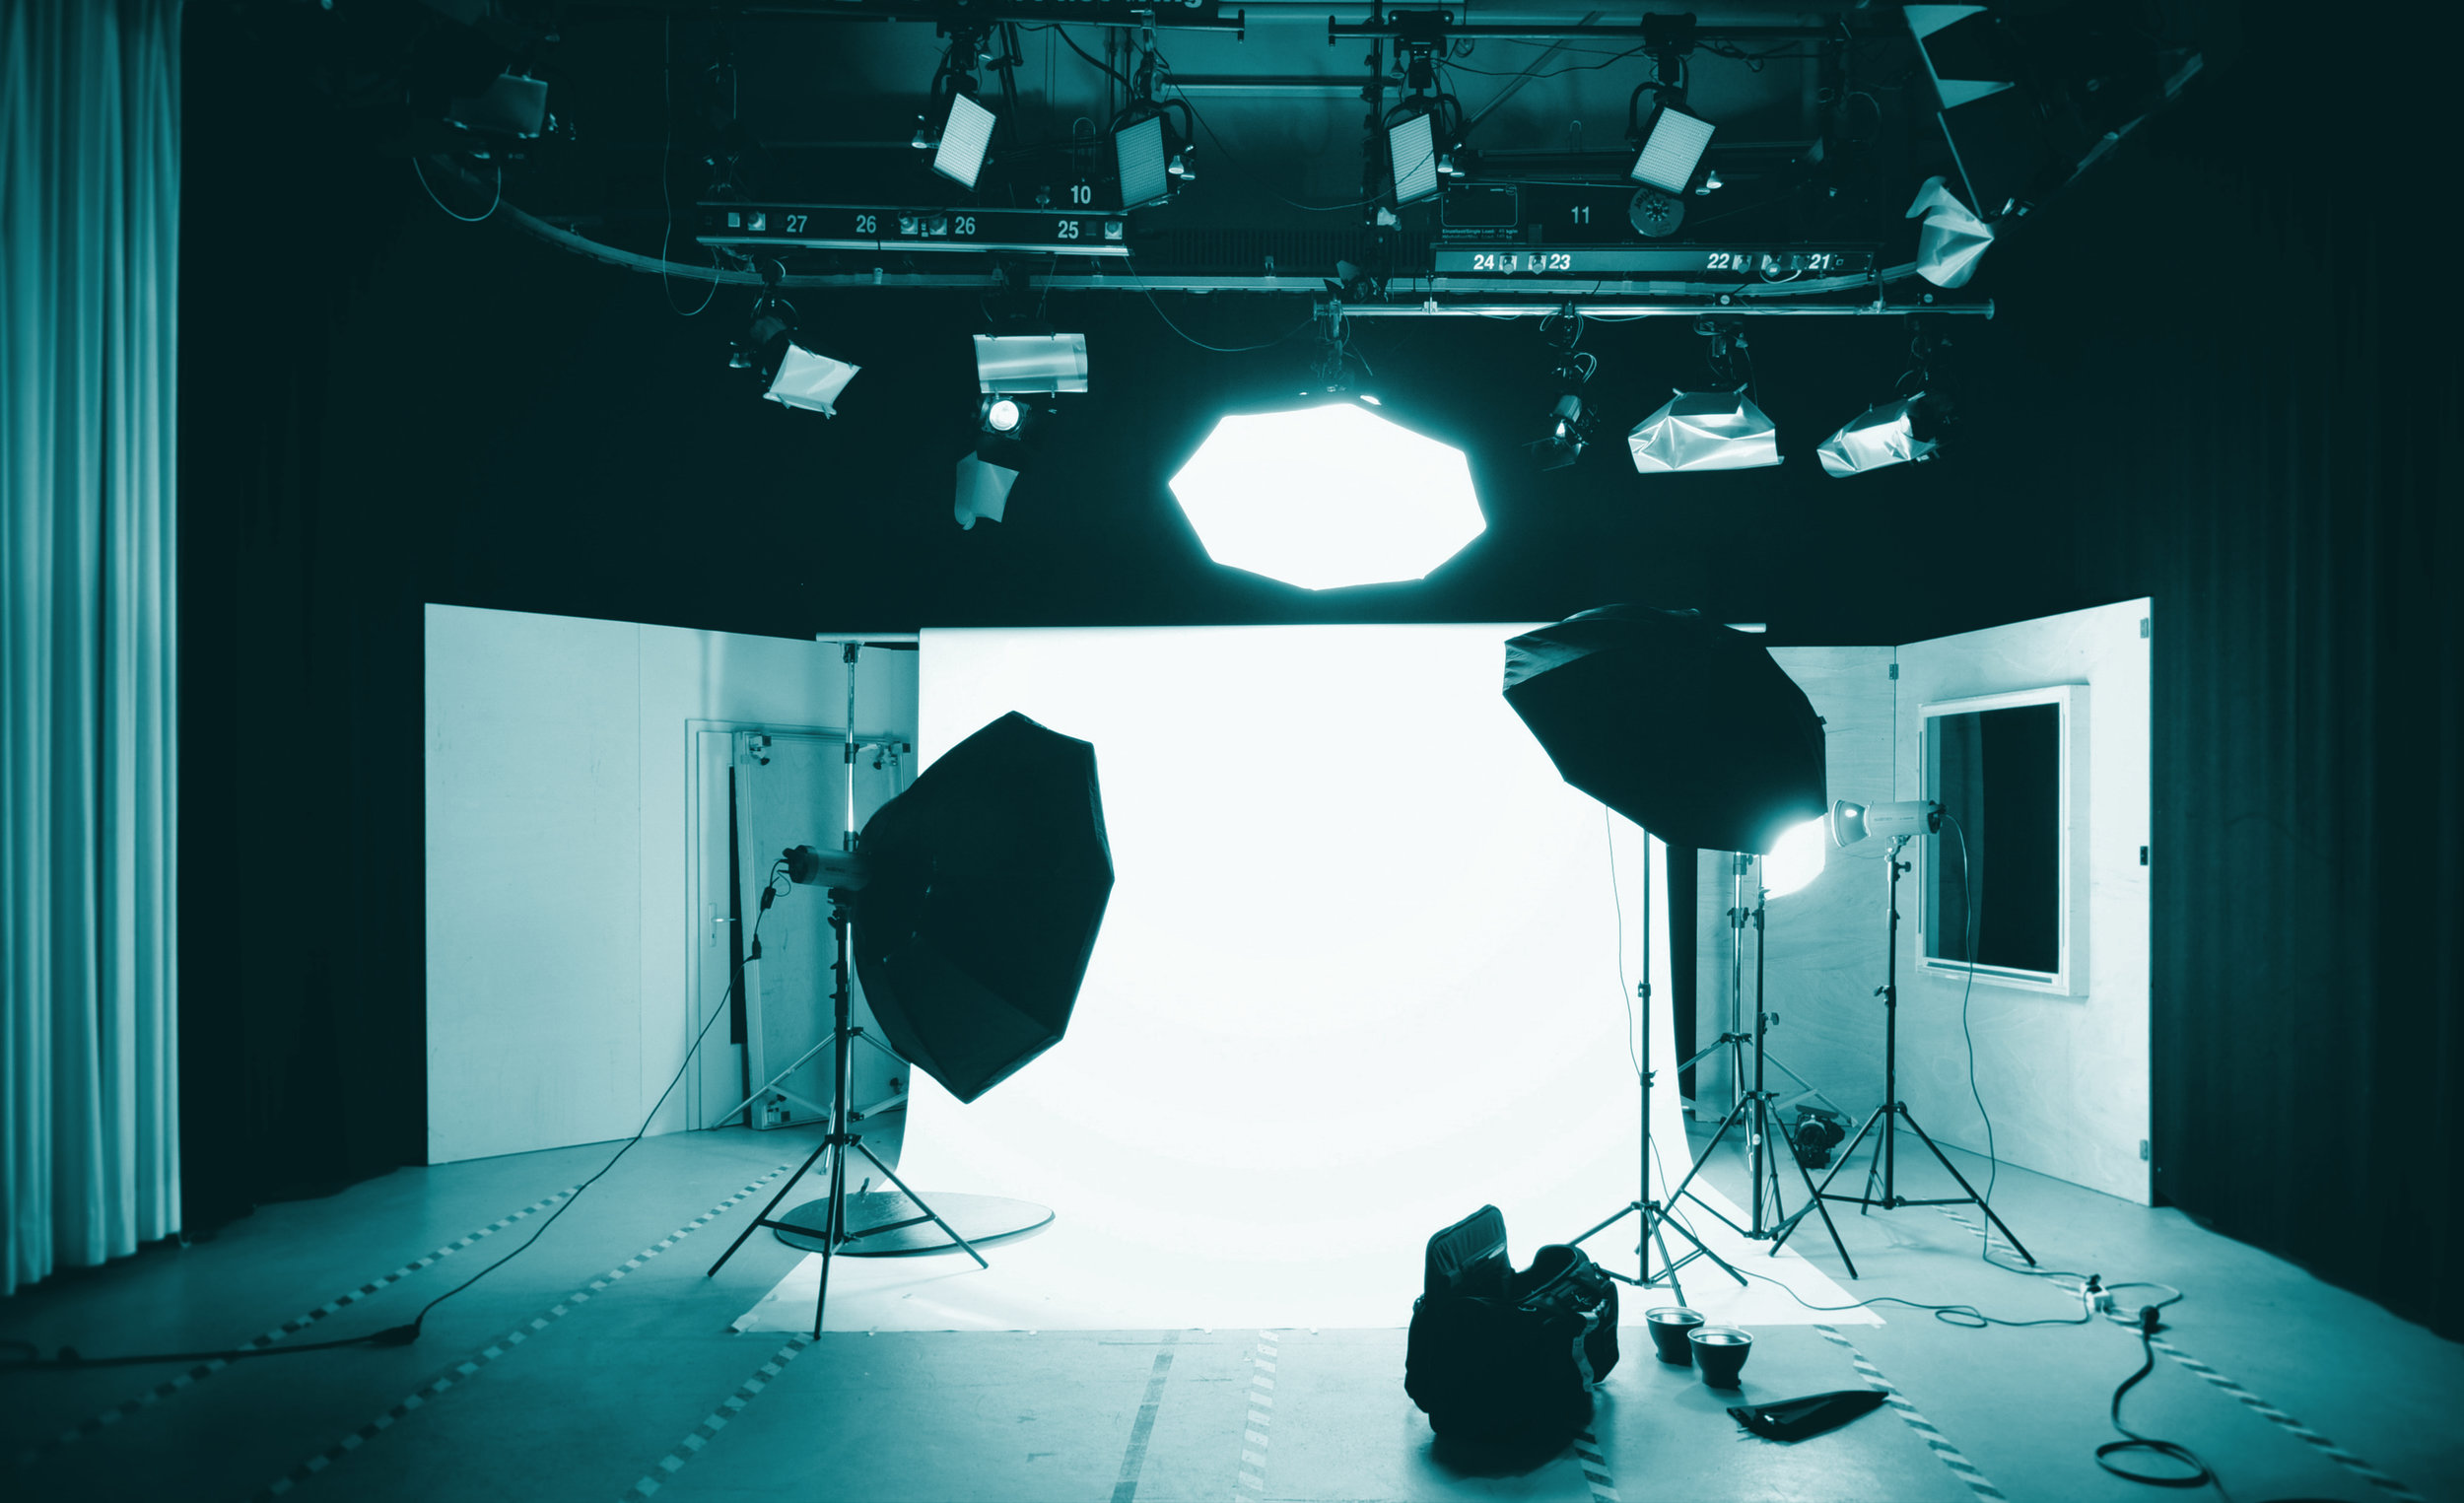 Op maat gemaakt - Cut the Chase is de one-stop-shop videoproducent die jou kan helpen met de vertaalslag naar beeld of juist een compleet nieuw verhaal helpt bedenken. Cut the Chase faciliteert van pre,- tot post-productie en staat daarnaast klaar om een schakel van de productieketting te zijn wanneer er partners betrokken zijn.Wil je meer informatie over op maat gemaakte video's of heb je vragen? Klik dan hier onder.